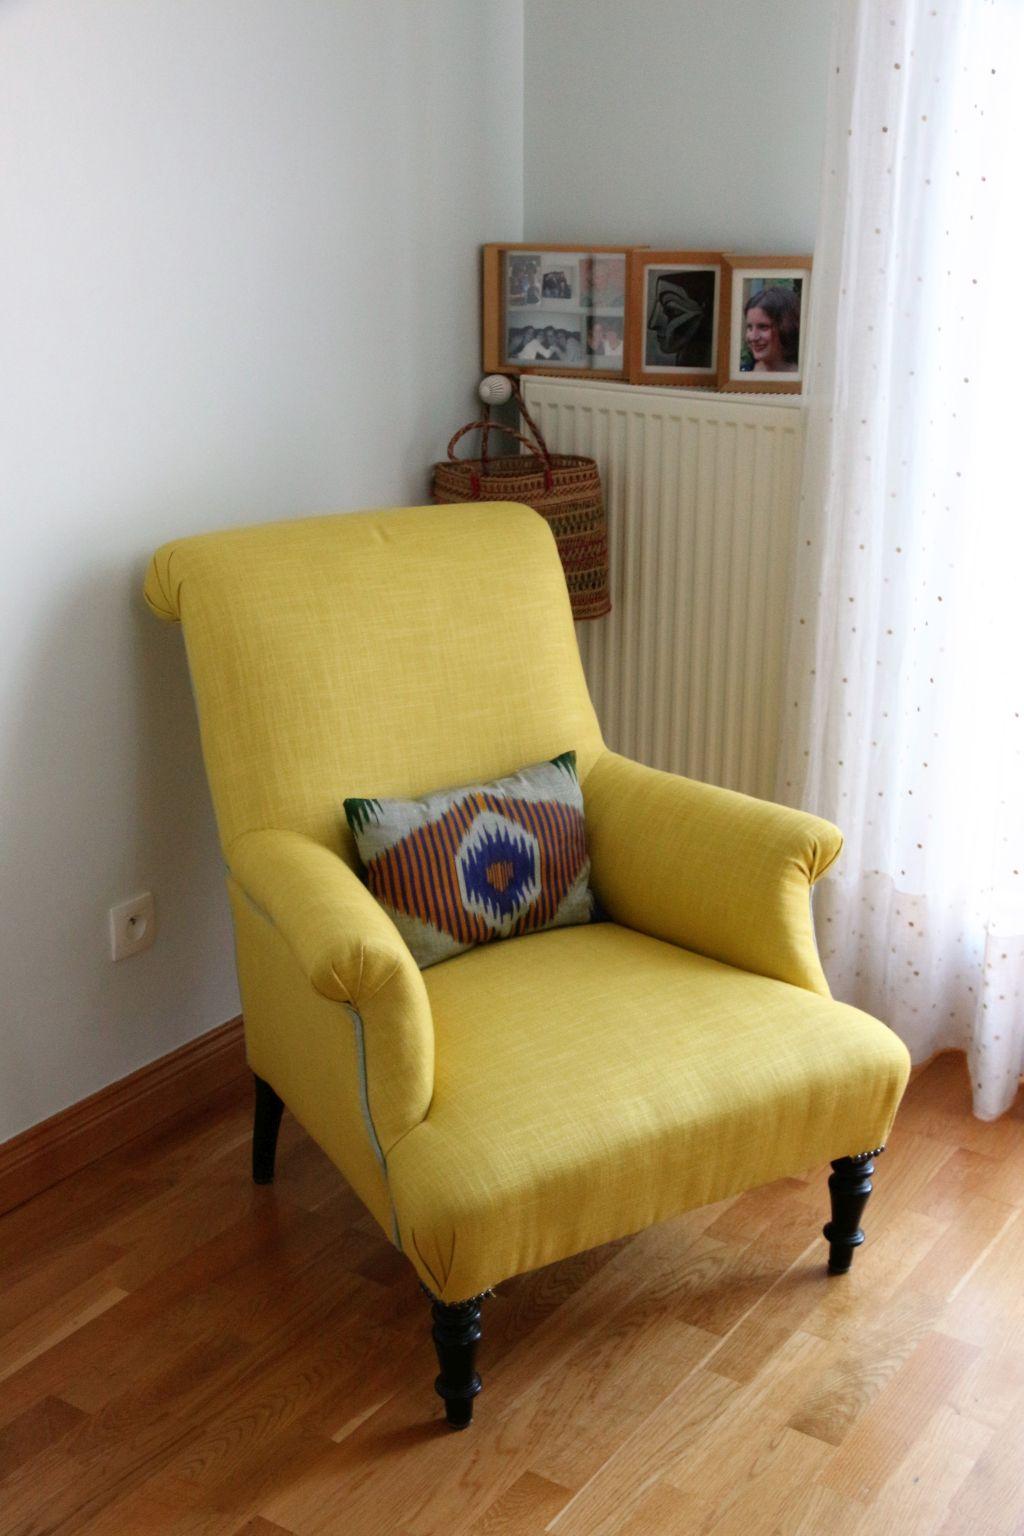 fauteuil jaune awesome fauteuil jaune pivotant assise hauteur cm dossier hauteur cm with. Black Bedroom Furniture Sets. Home Design Ideas